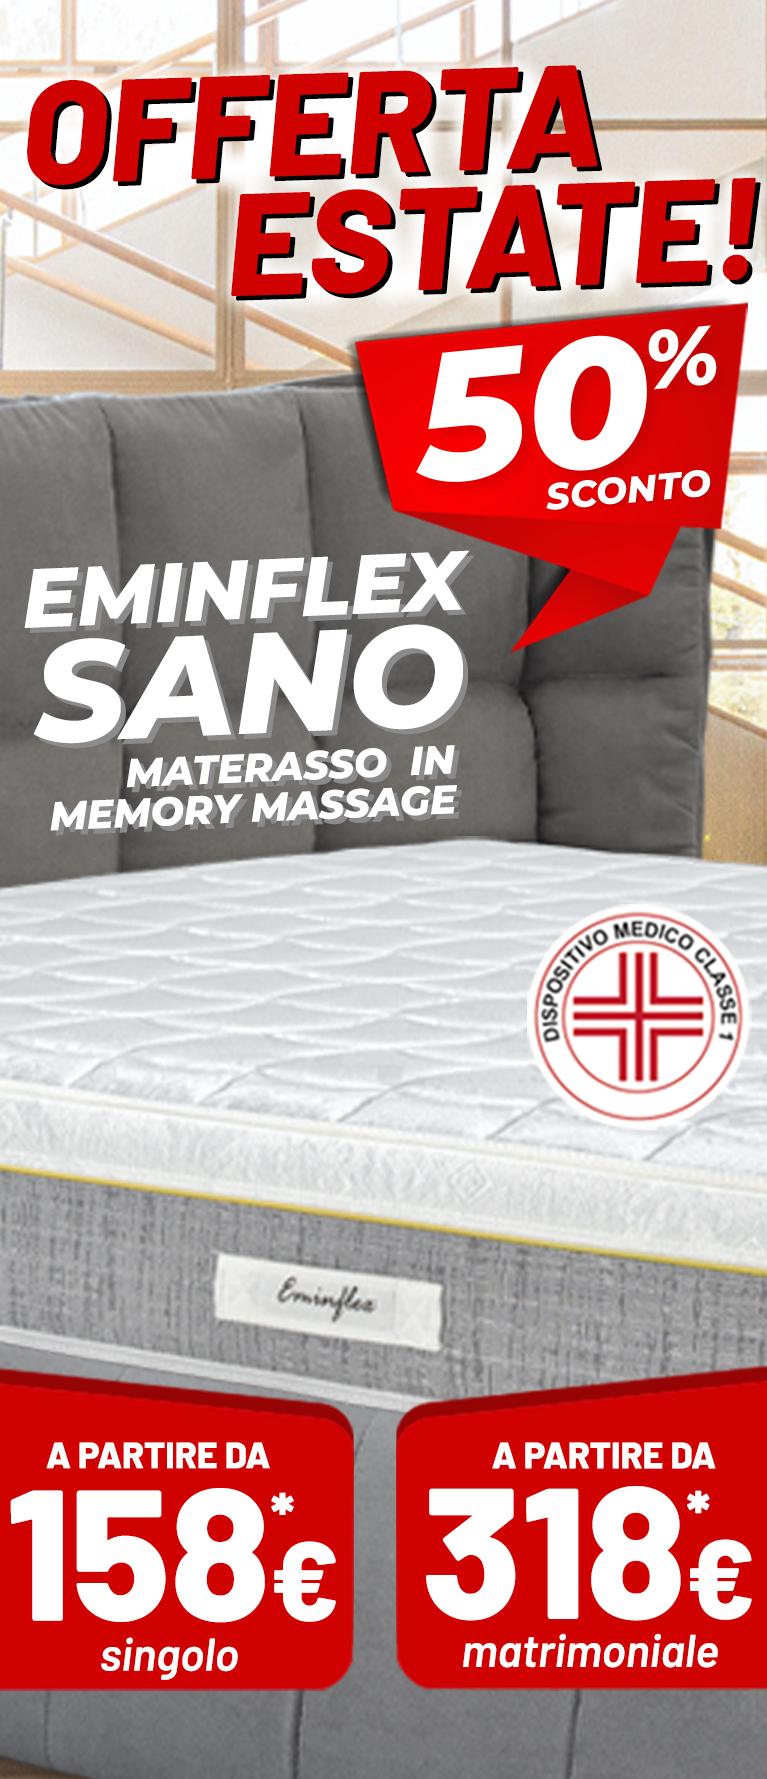 Eminflex Offerta Com Nuovo Materasso Sano Offerta Estate Con Sconto Del 50